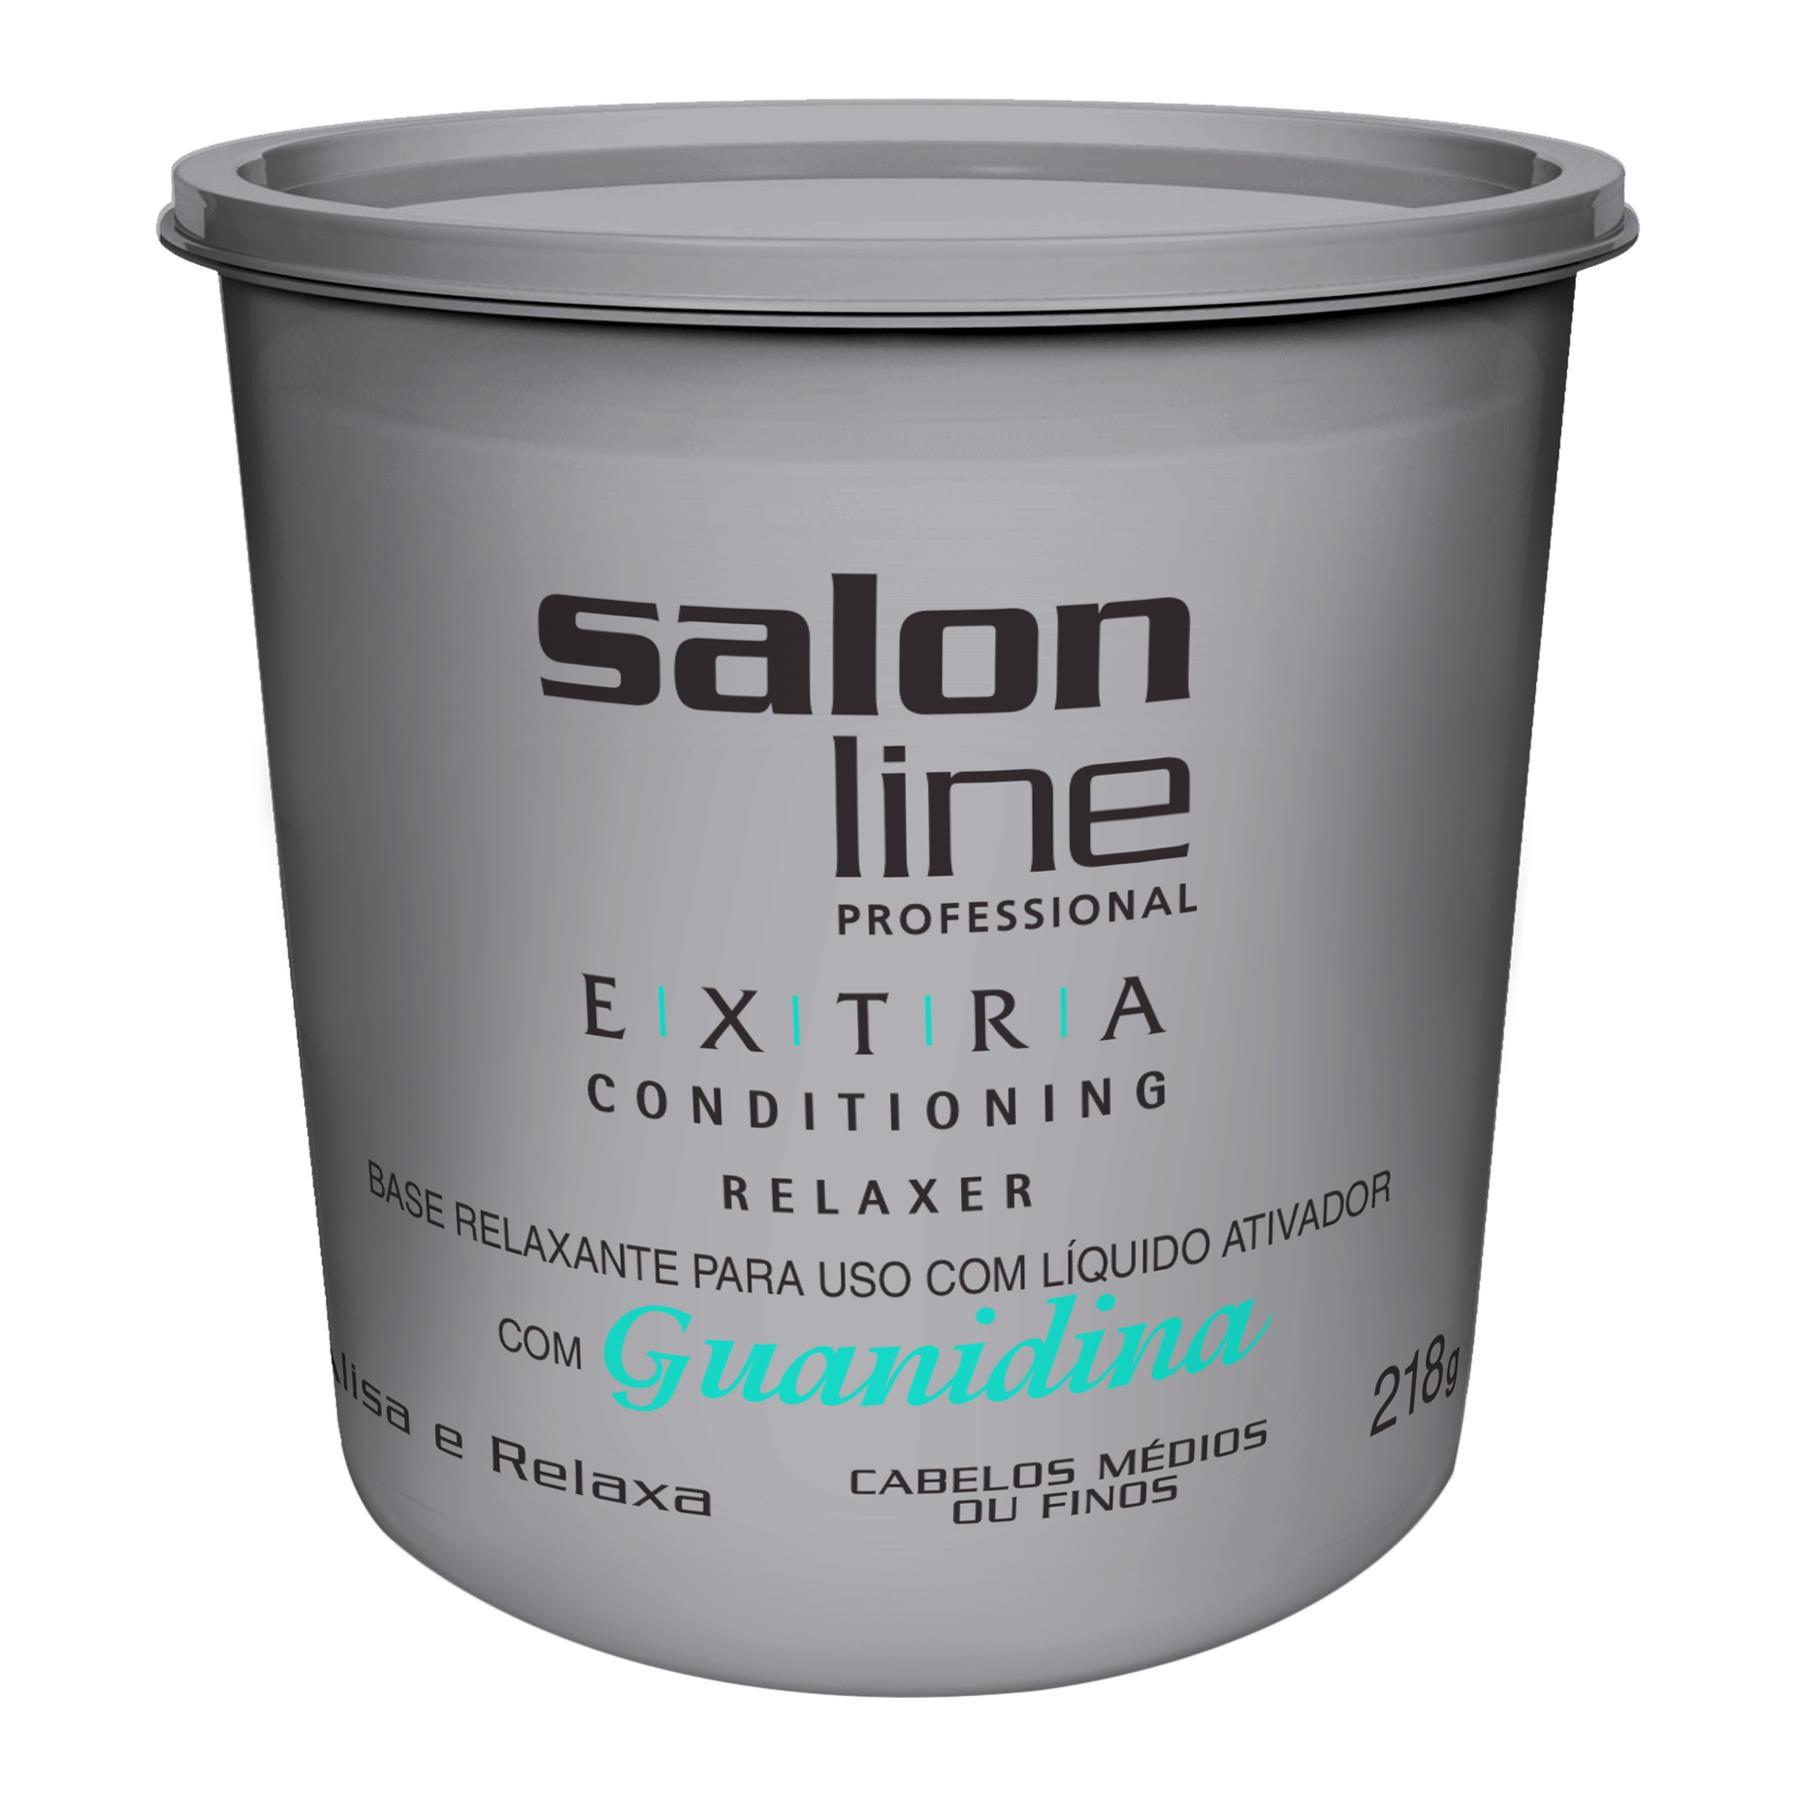 Salon Line Base Relaxante Extra Conditioning Guanidina para Cabelos Médios ou Finos  218g